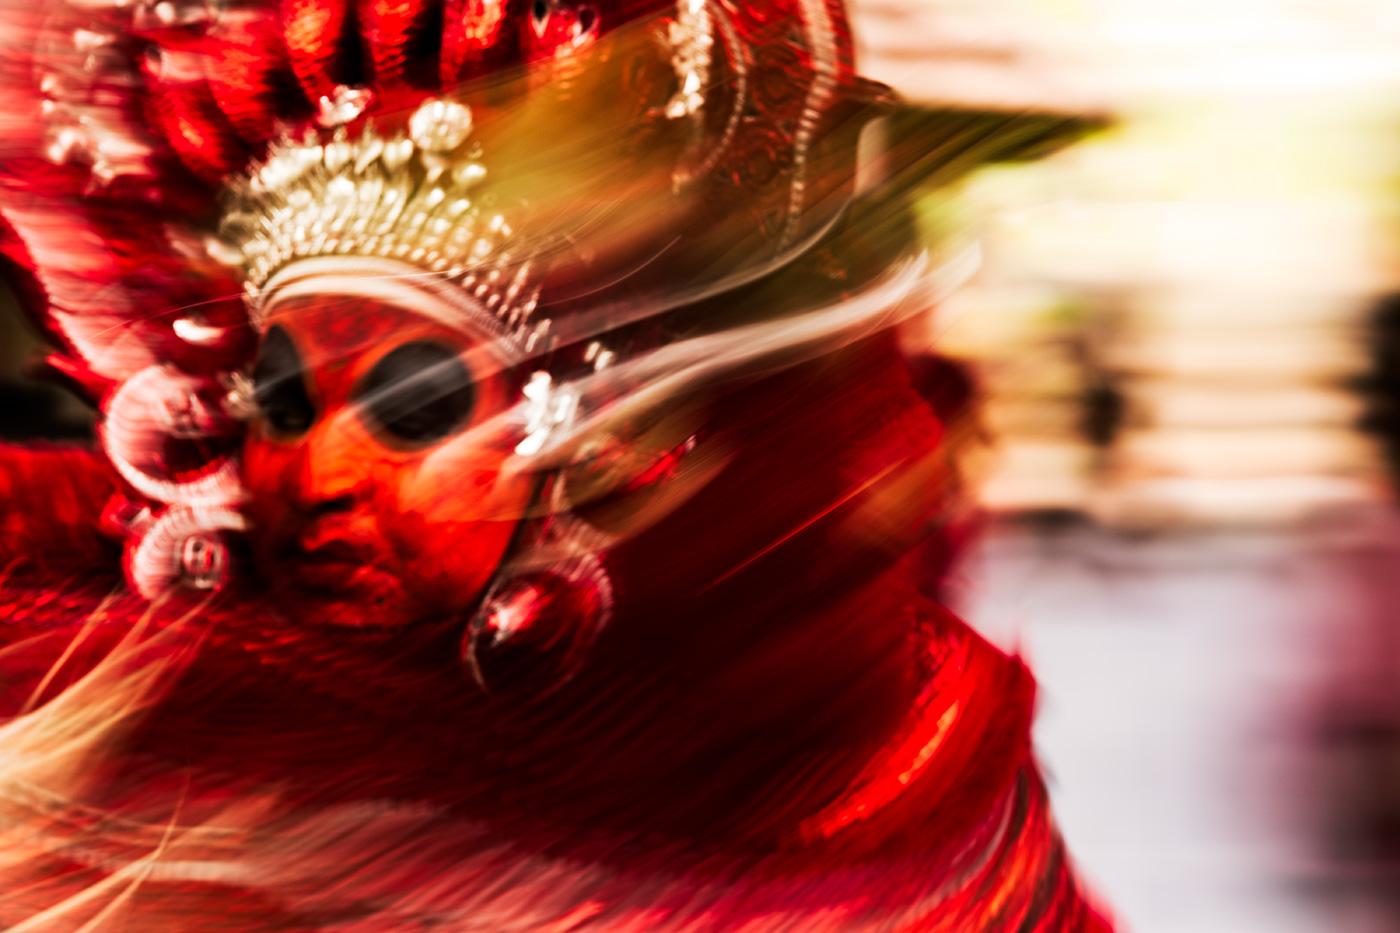 theyyam-sacred-ritual-kerala-india-sarah-hickson-3606